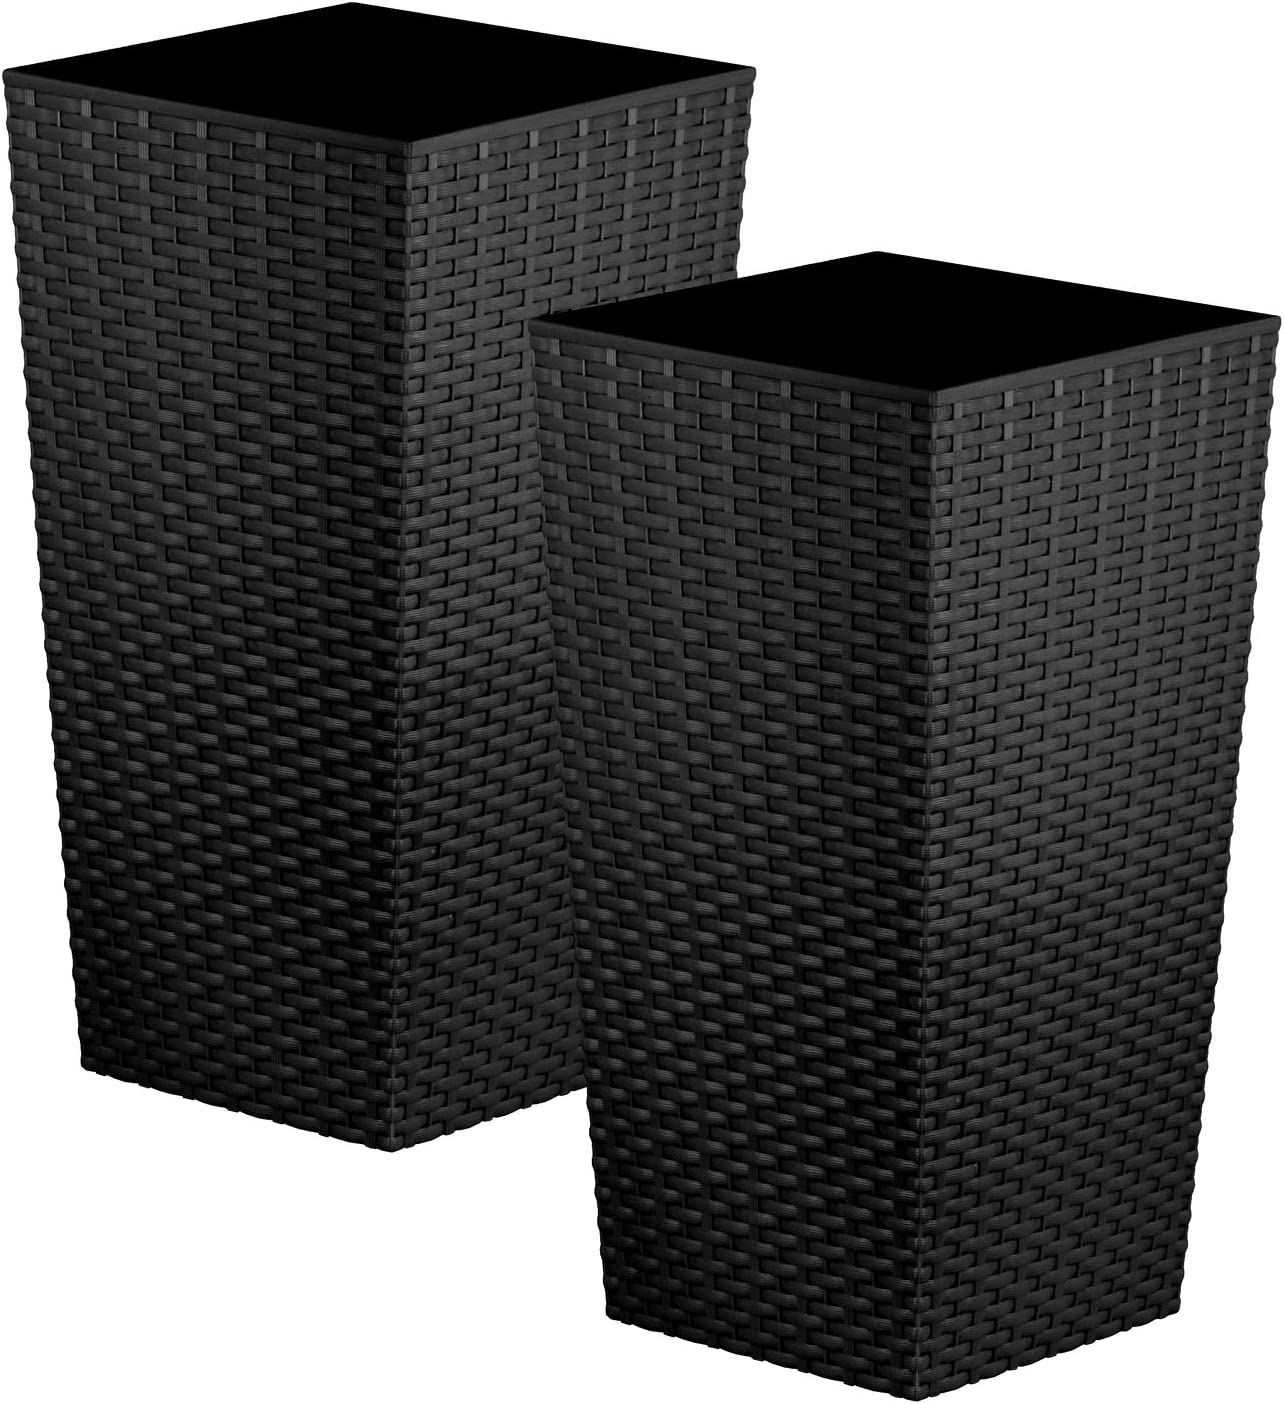 Macetas de tamaño grande, de la marca CrazyGadget, 2 unidades, plástico, negro, 26.6L